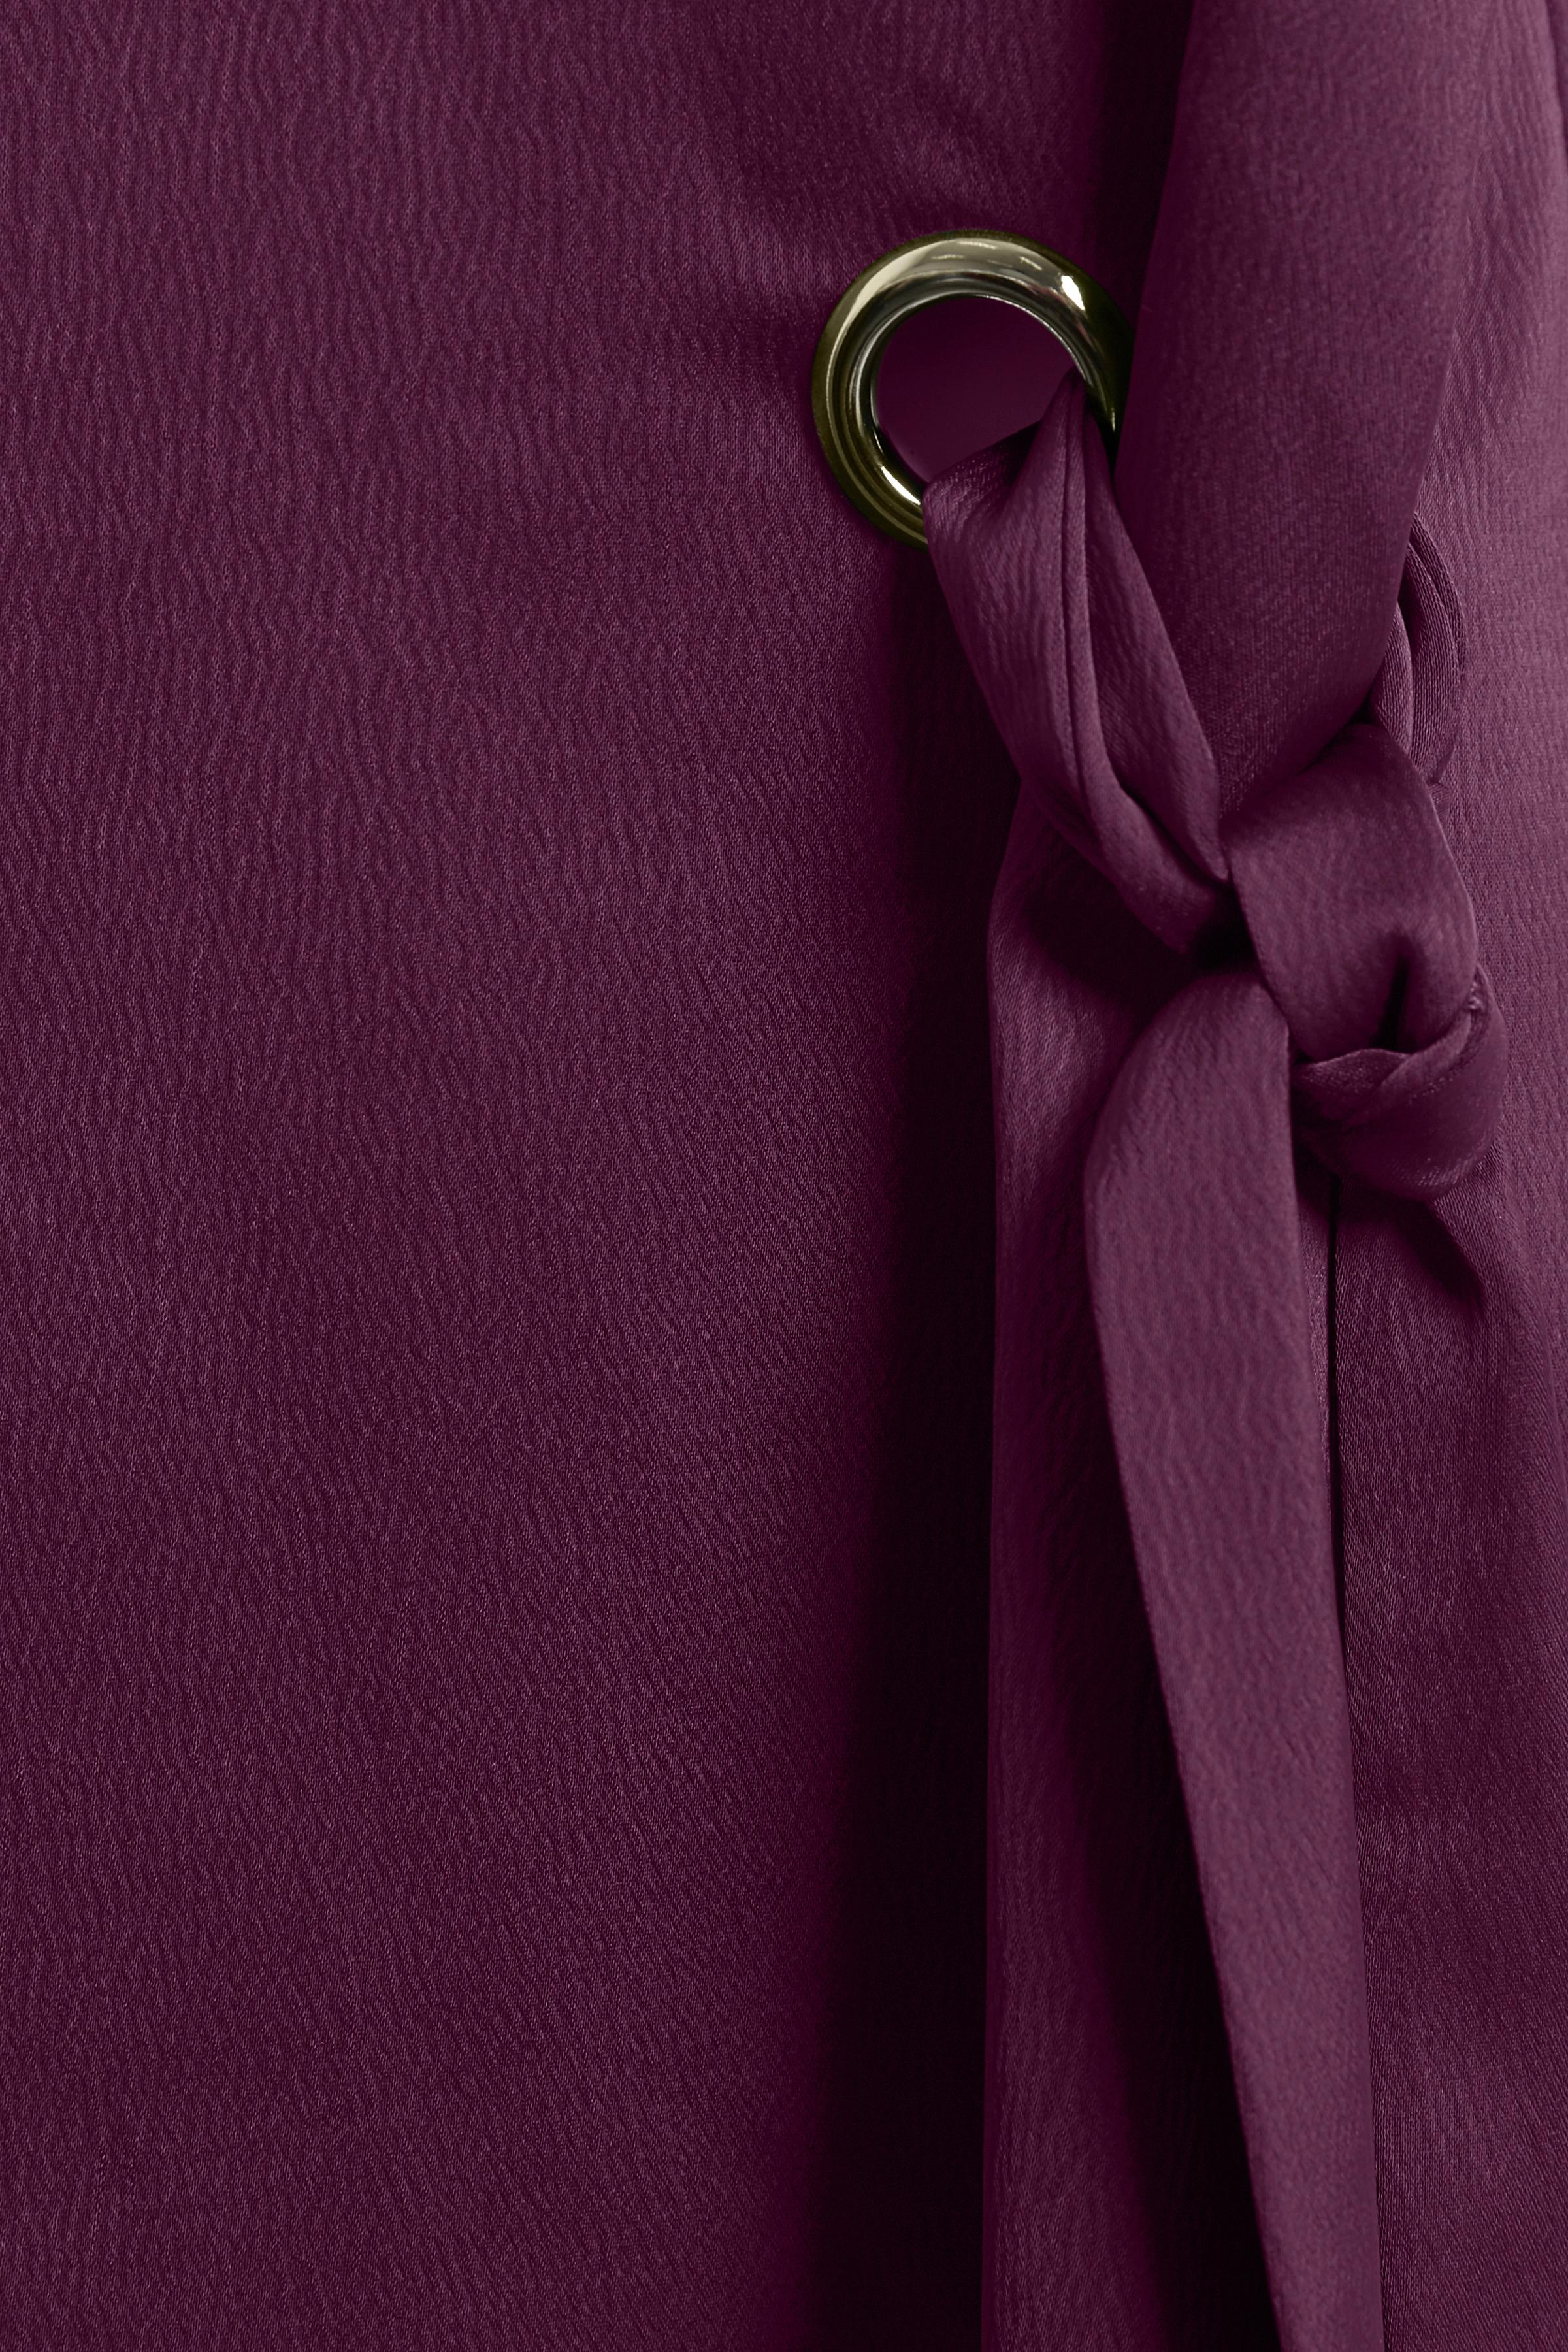 Dunkel aubergine Kurzarm-Bluse von Bon'A Parte – Shoppen Sie Dunkel aubergine Kurzarm-Bluse ab Gr. S-2XL hier